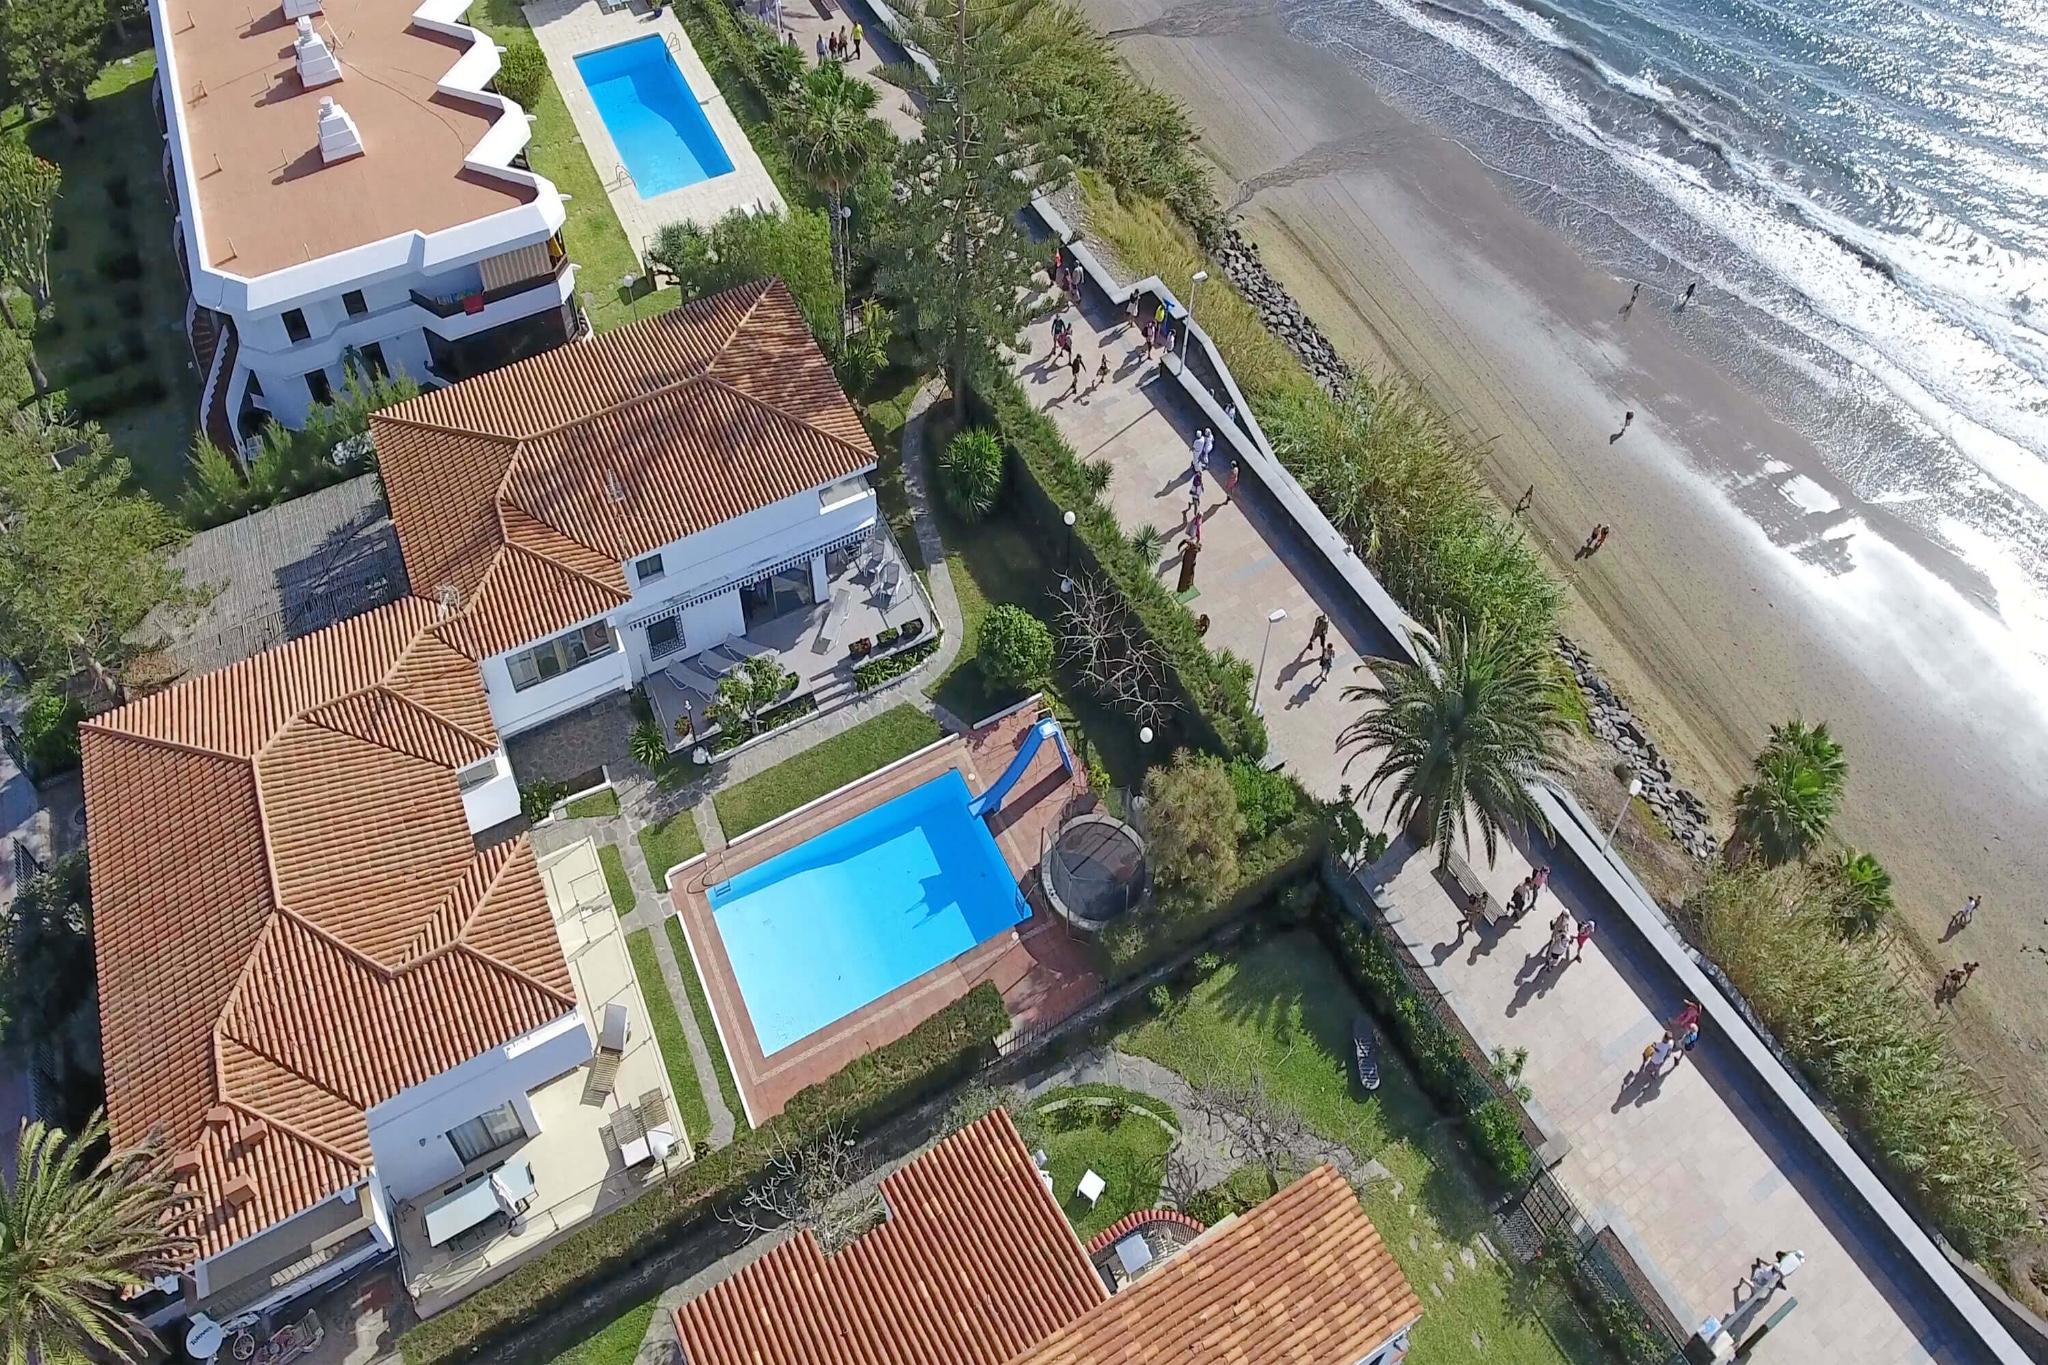 pea moderni villa edessä rannalla uima-allas ja suora pääsy kävelykatu